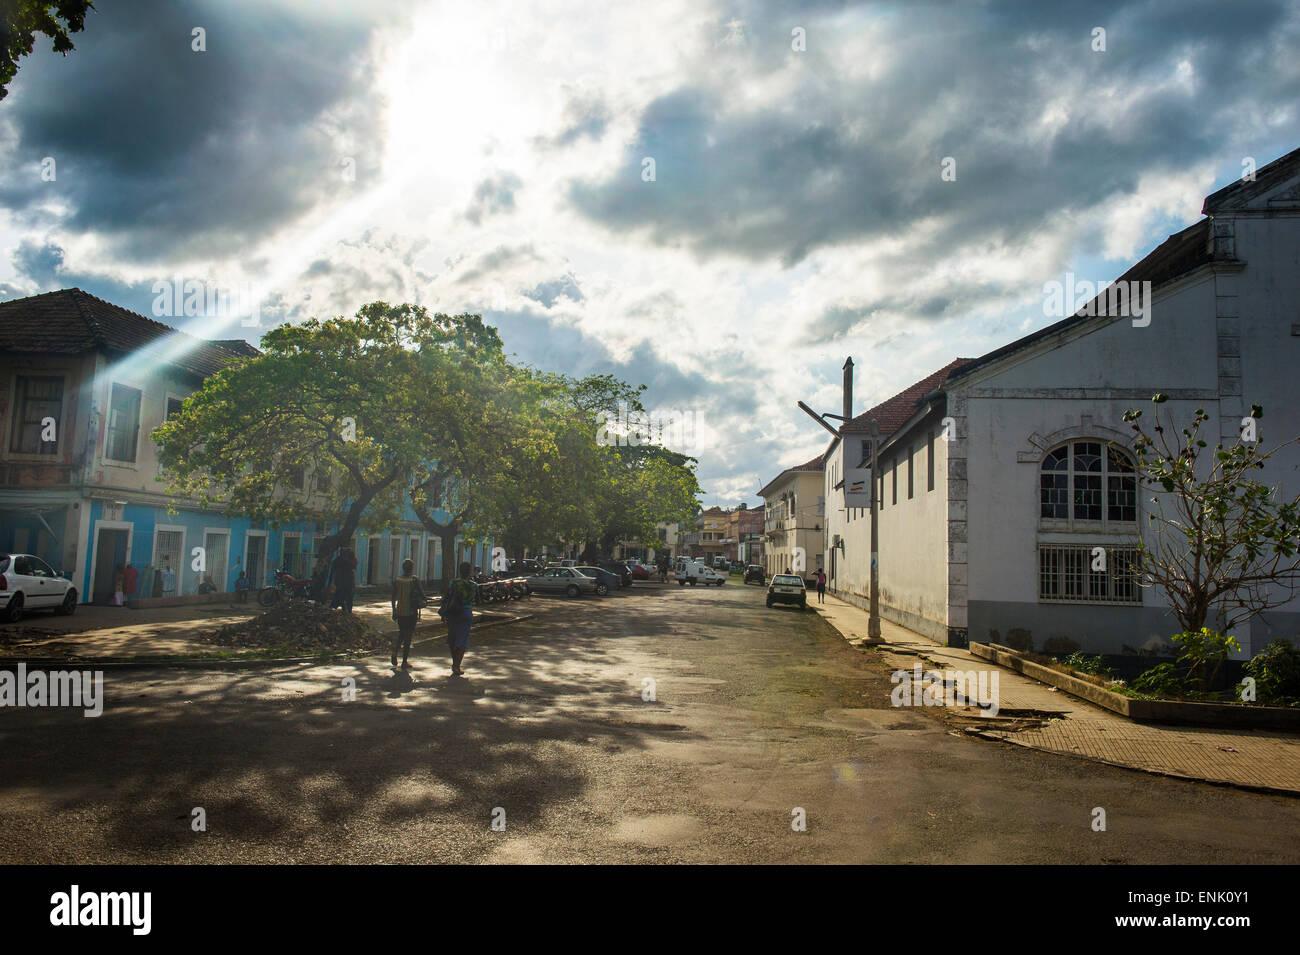 Häusern im Kolonialstil in der Stadt von São Tomé, Sao Tome und Principe, Atlantik, Afrika Stockbild